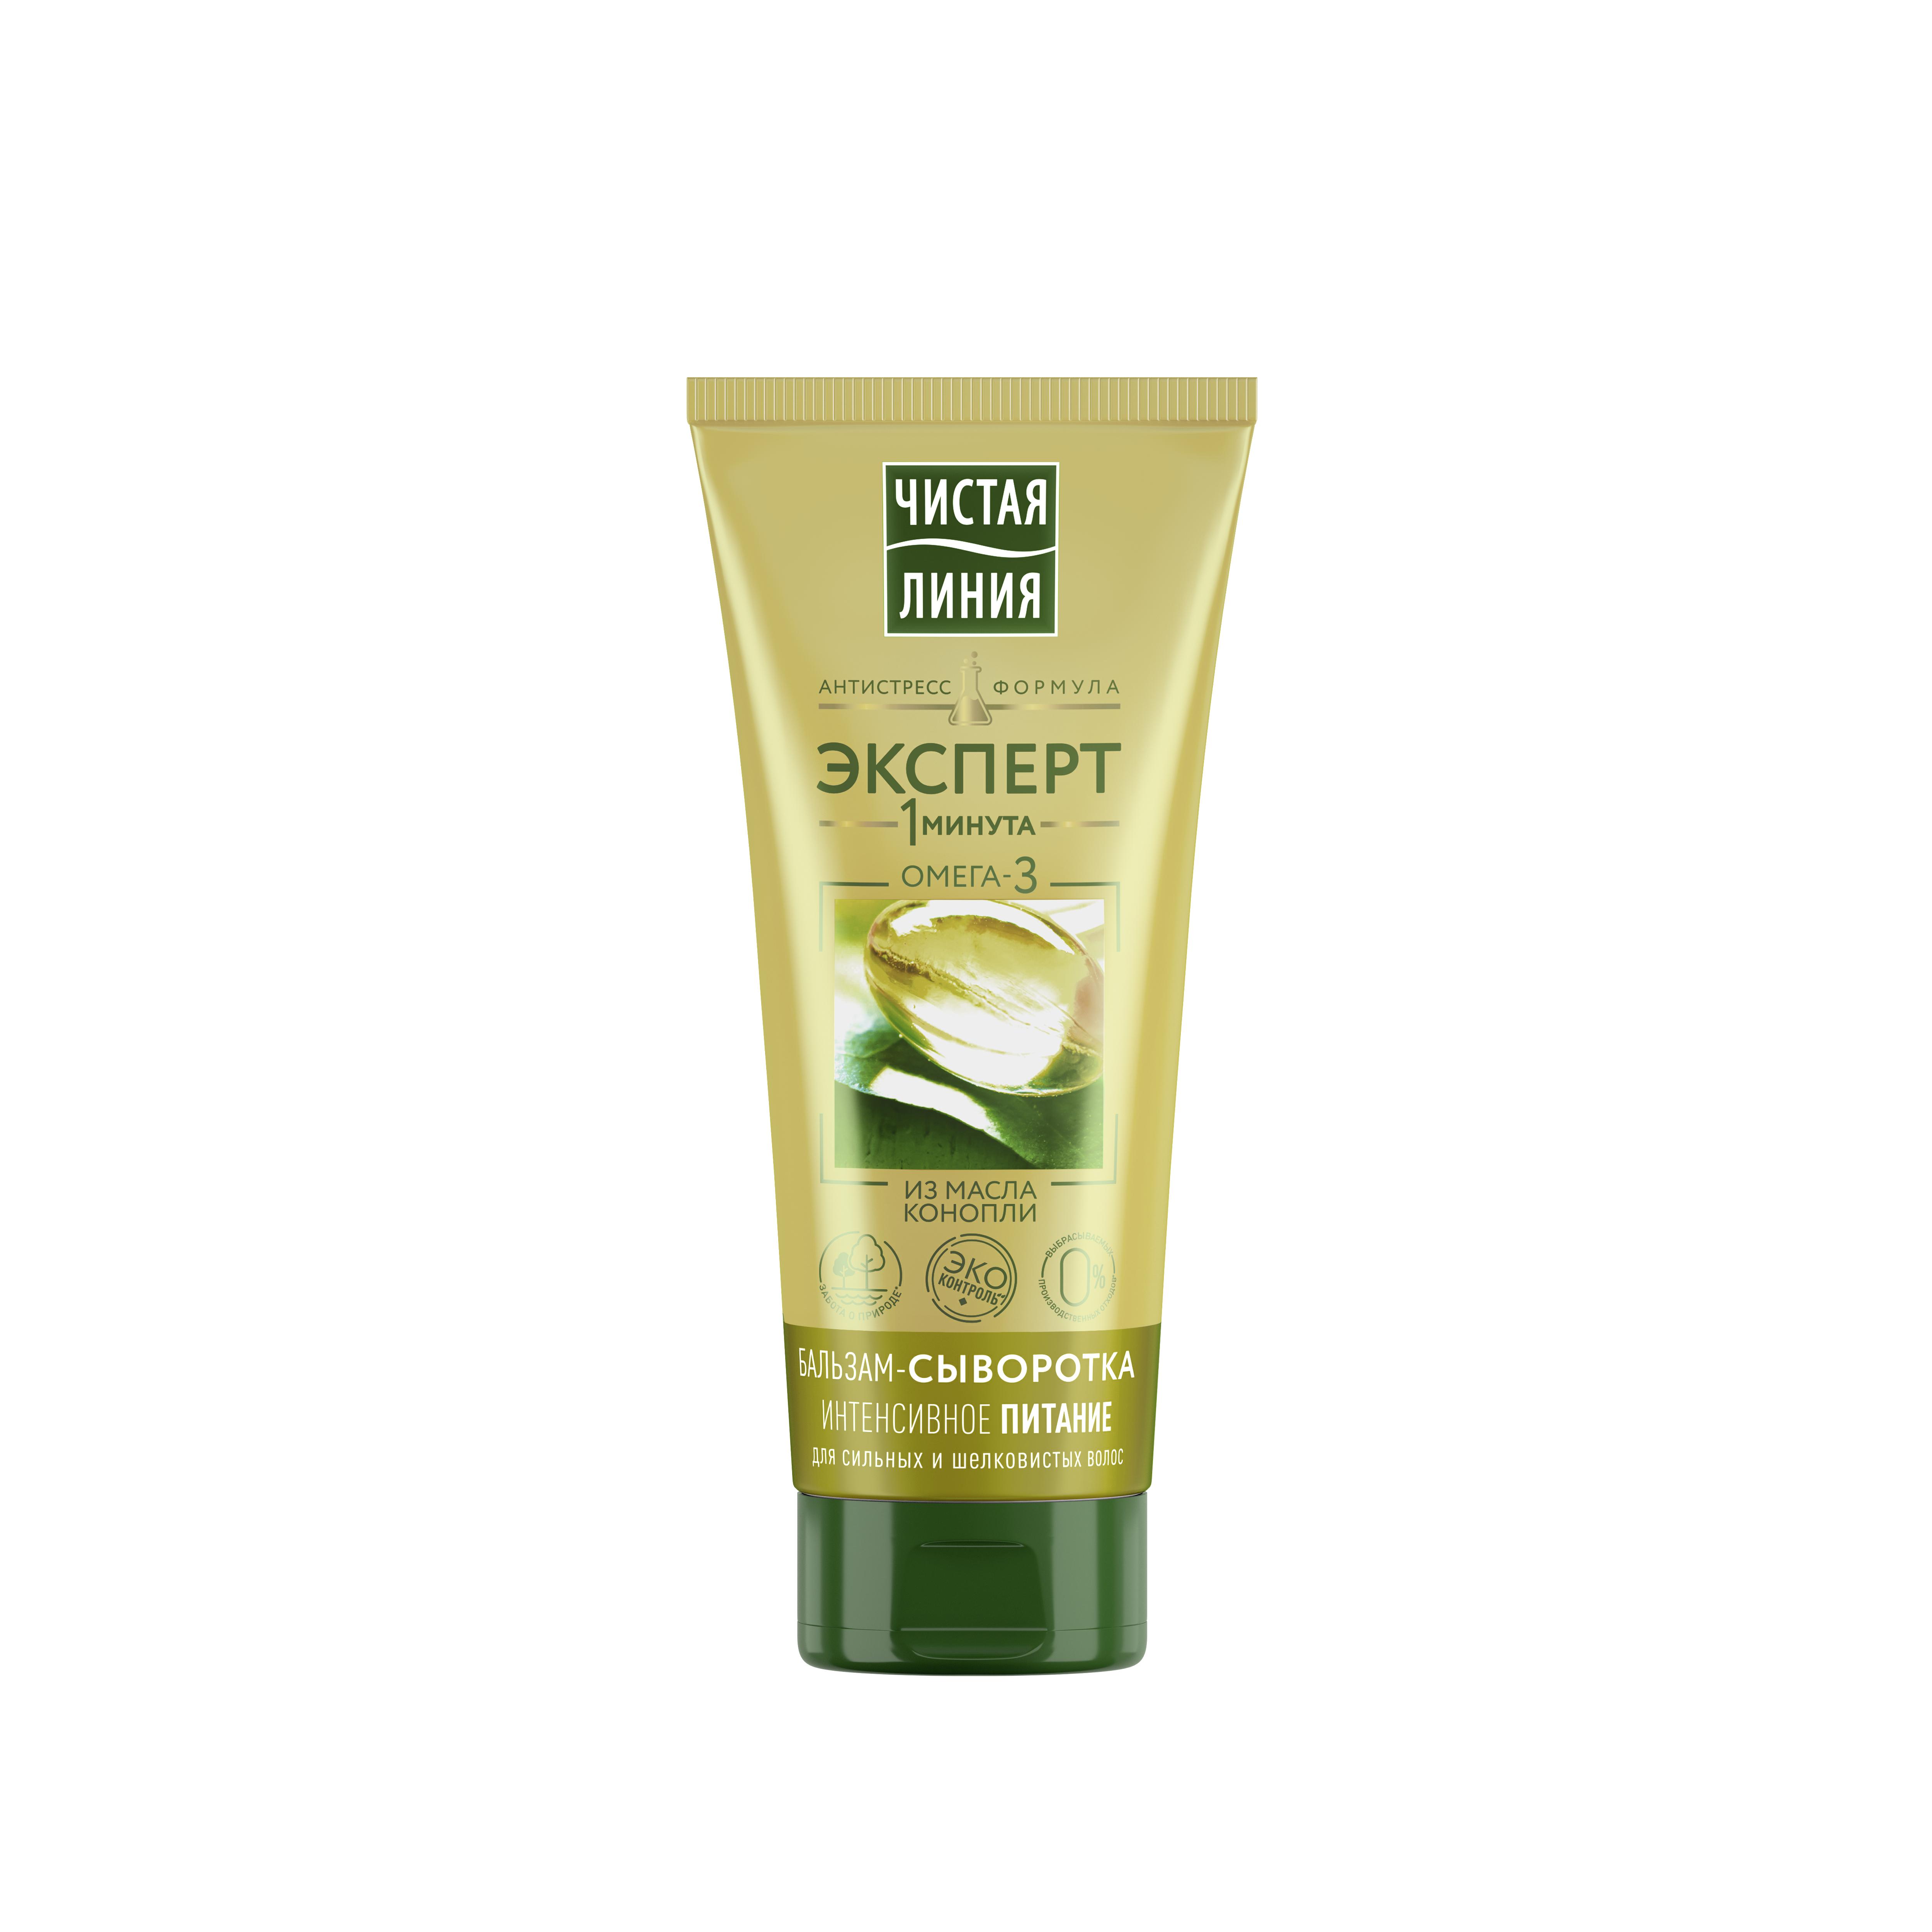 Бальзам-сыворотка для волос Чистая линия Интенсивное питание, 200 мл